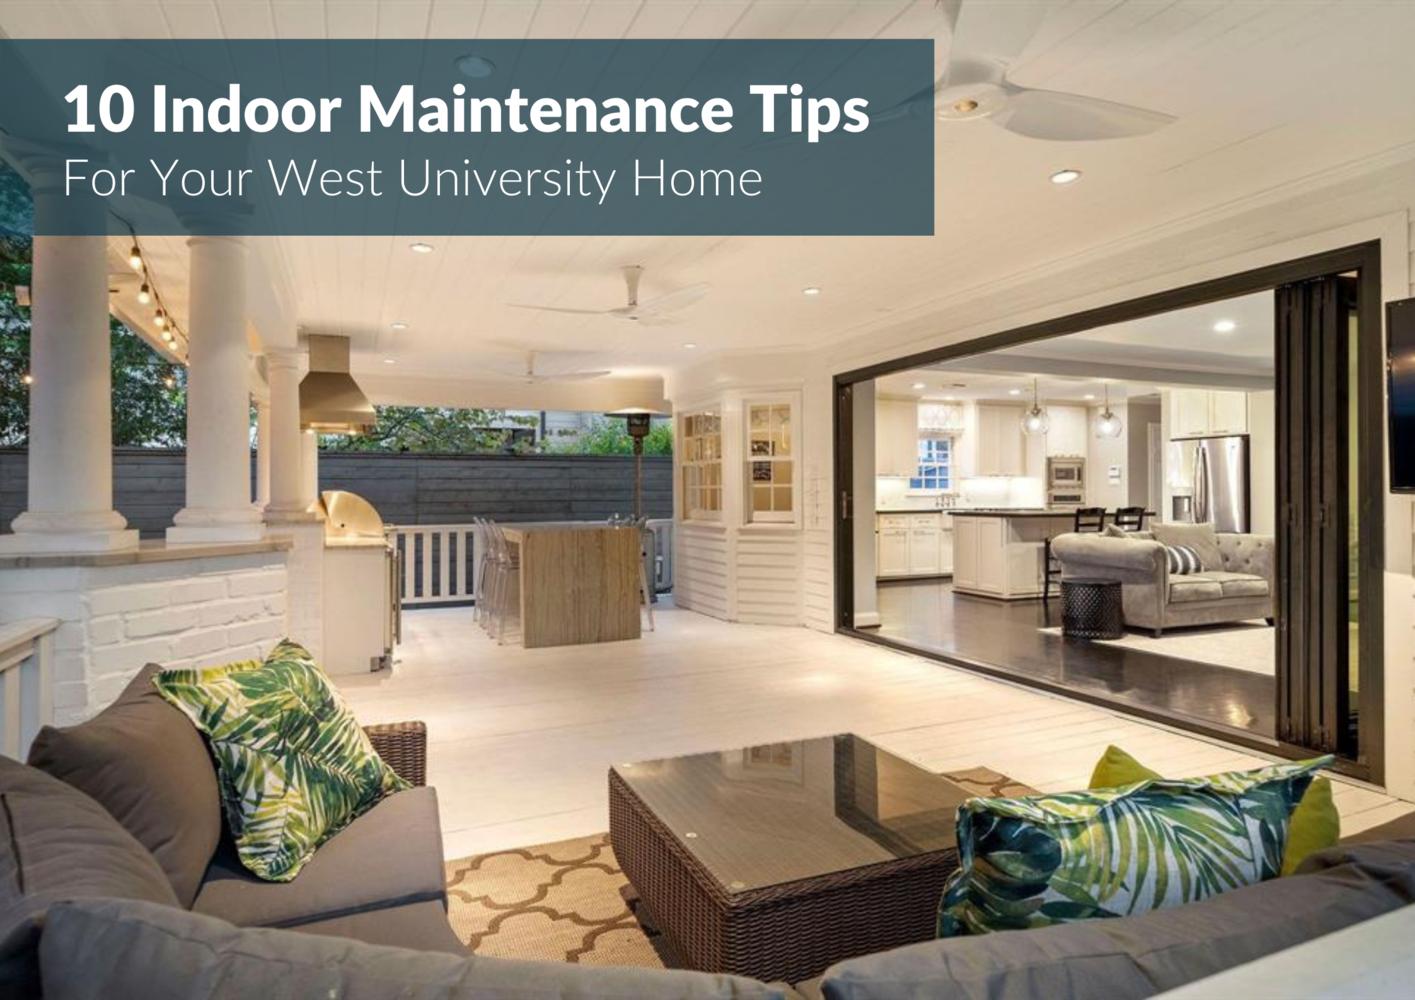 10 Best West U Home Interior Maintenance Tips